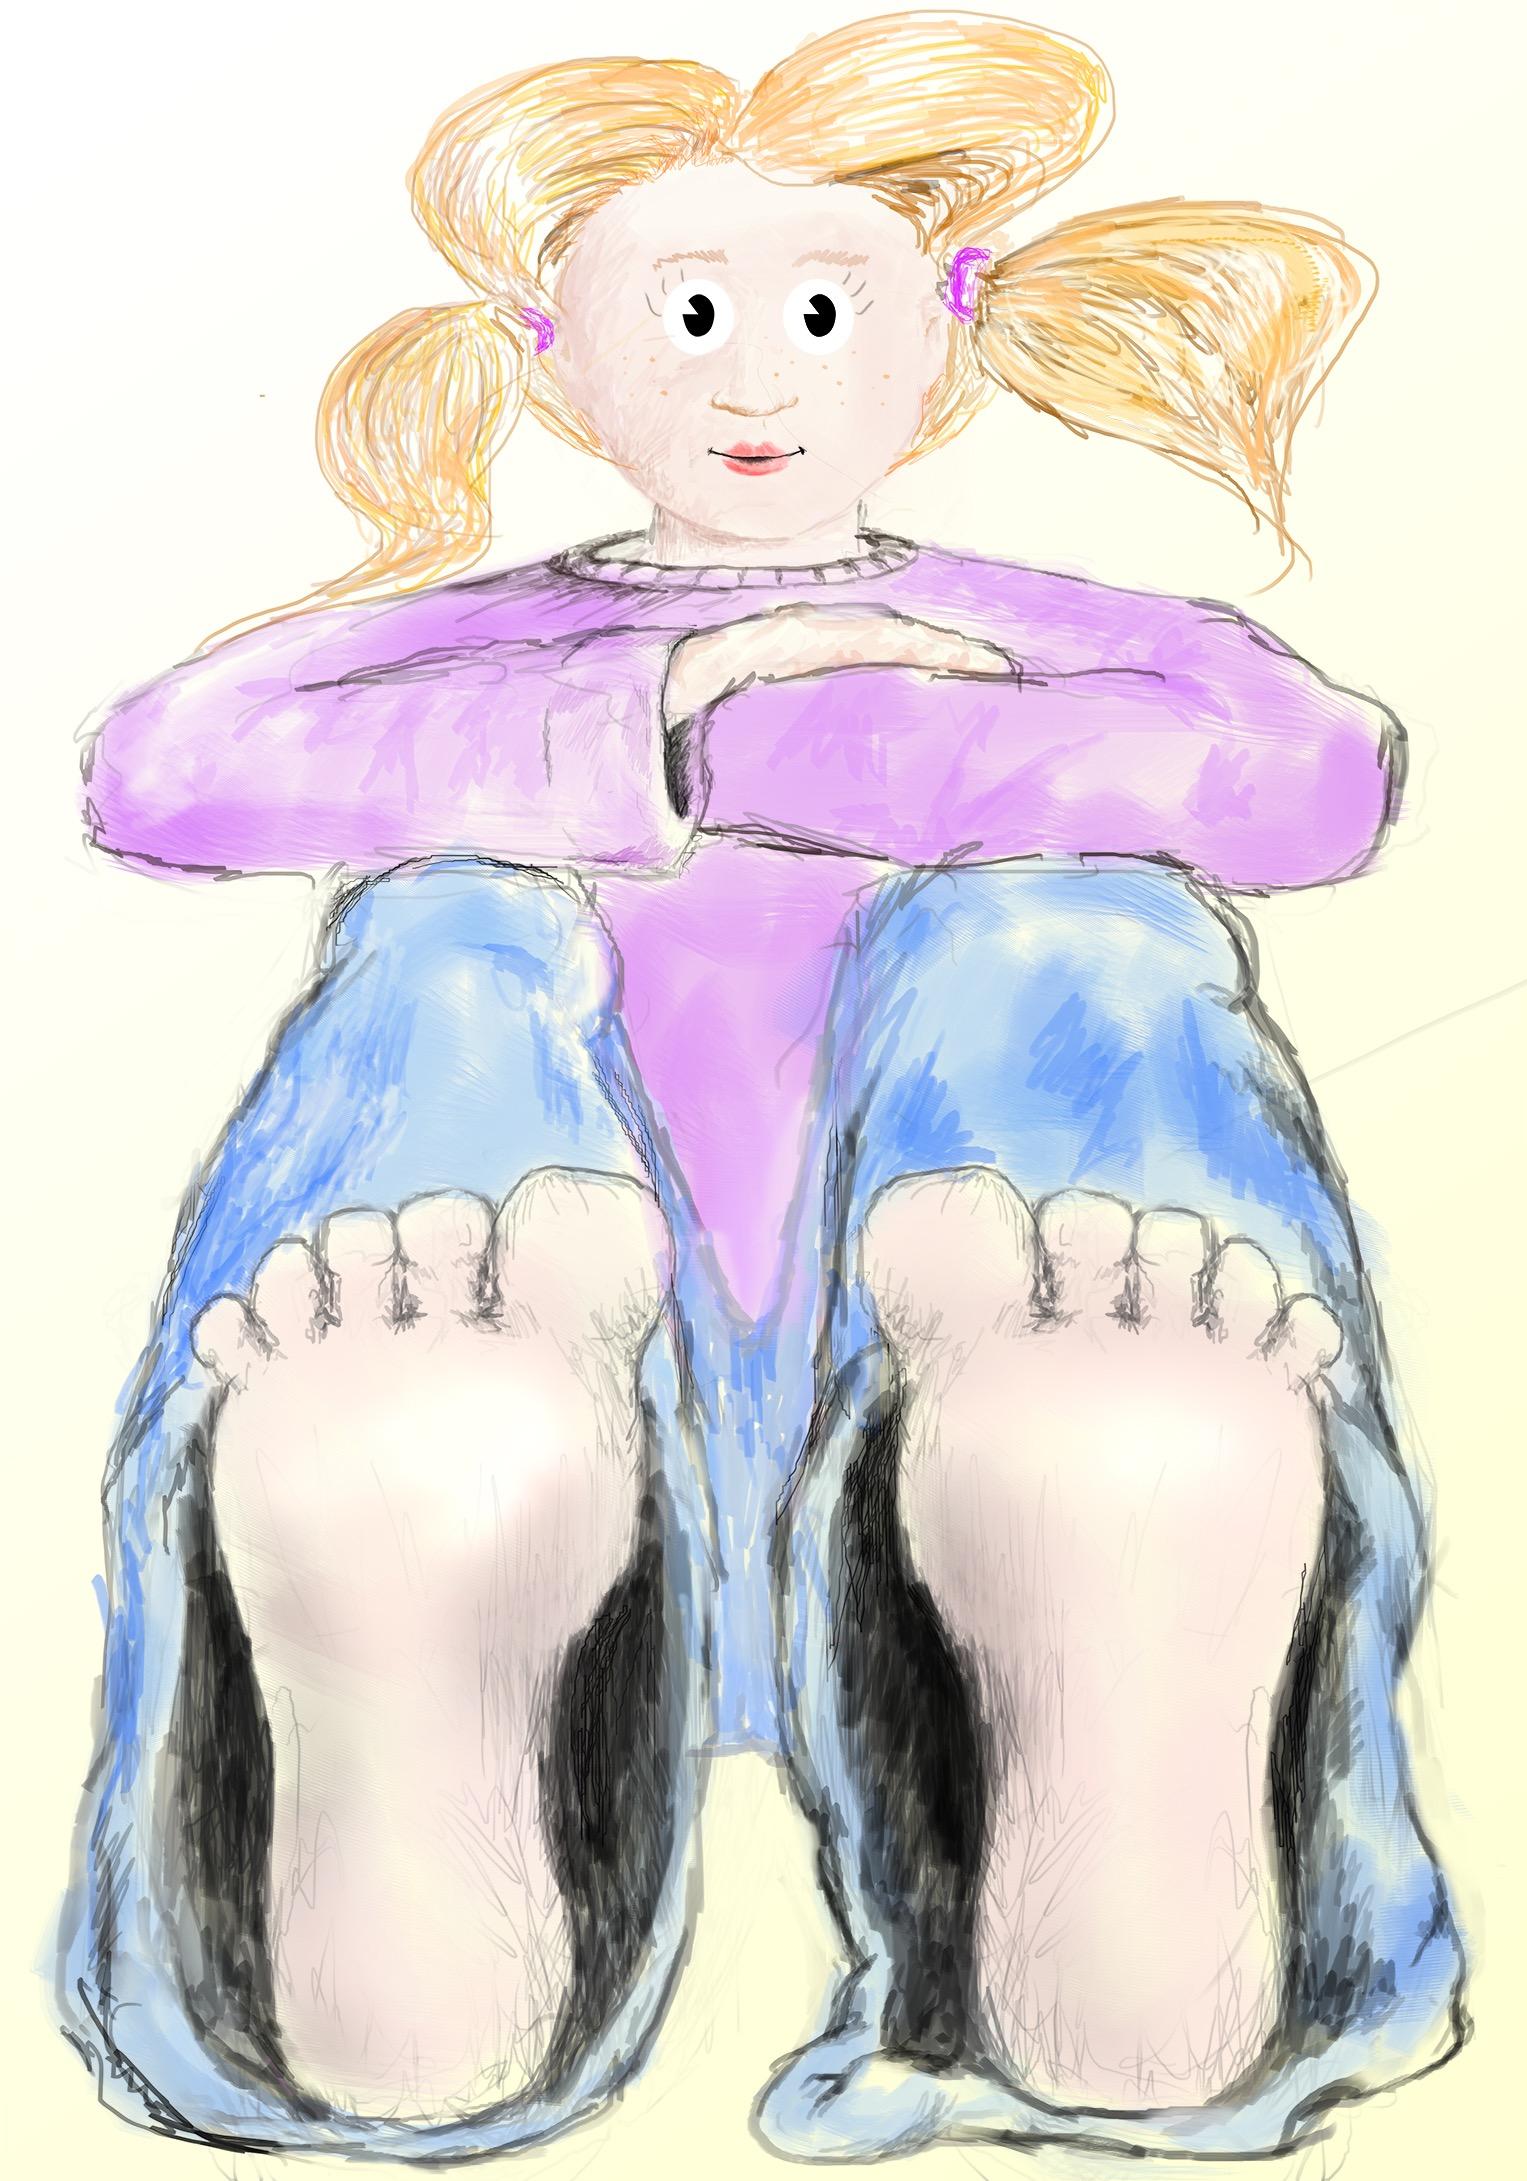 ילדה עם כפות רגליים